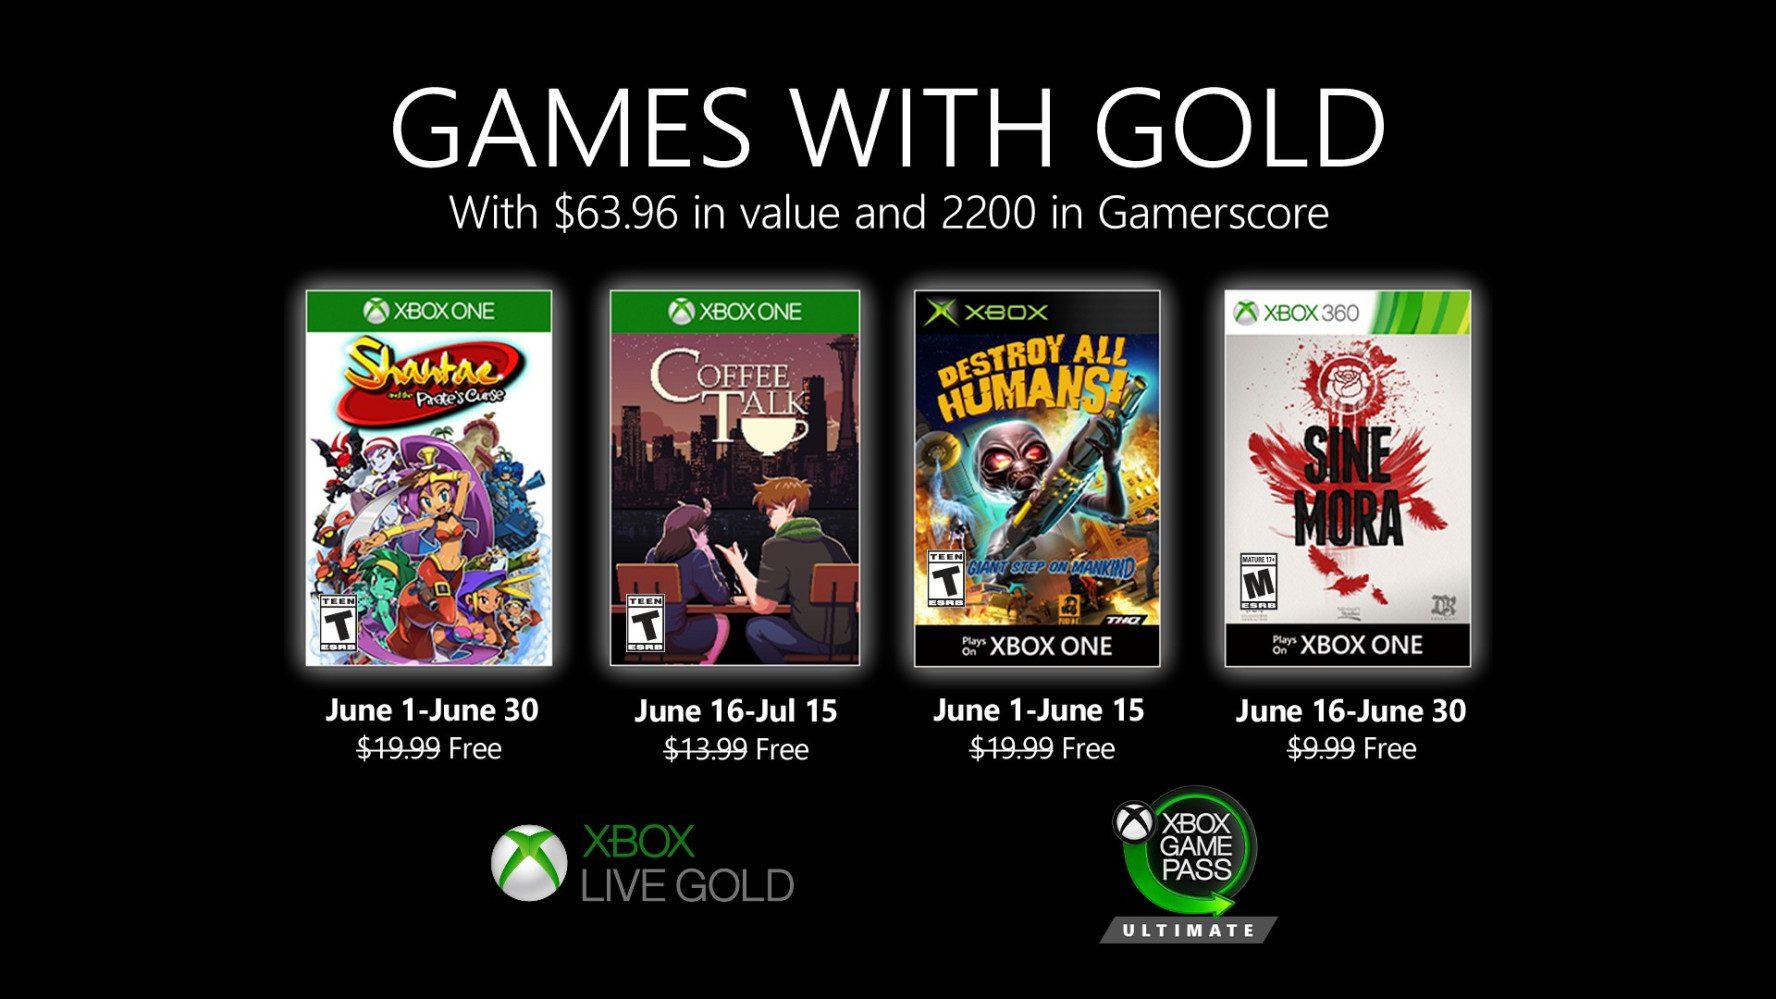 Desvelados los Juegos con Gold del próximo mes de junio - Ya están aquí los nuevos Juegos con Gold del mes de junio, en el que podremos disfrutar de 4 títulos de forma gratuita con nuestra membresía Gold.